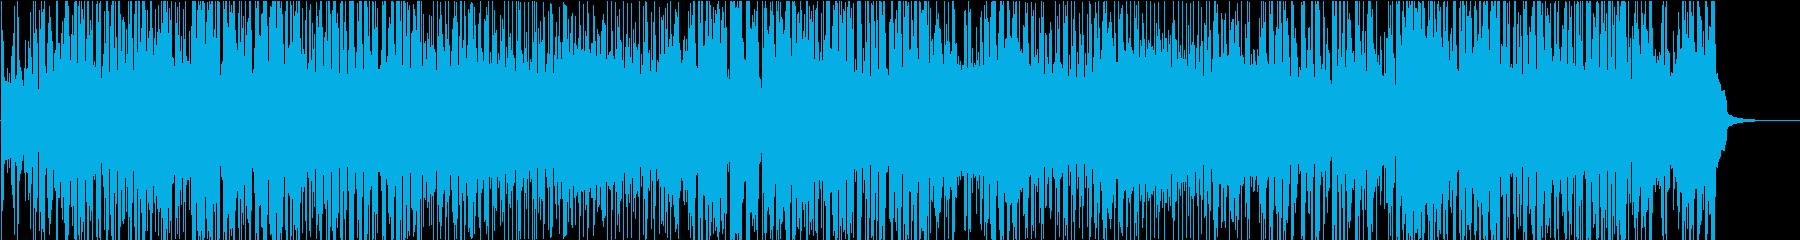 オープニングに盛り上がる元気なスカレゲエの再生済みの波形